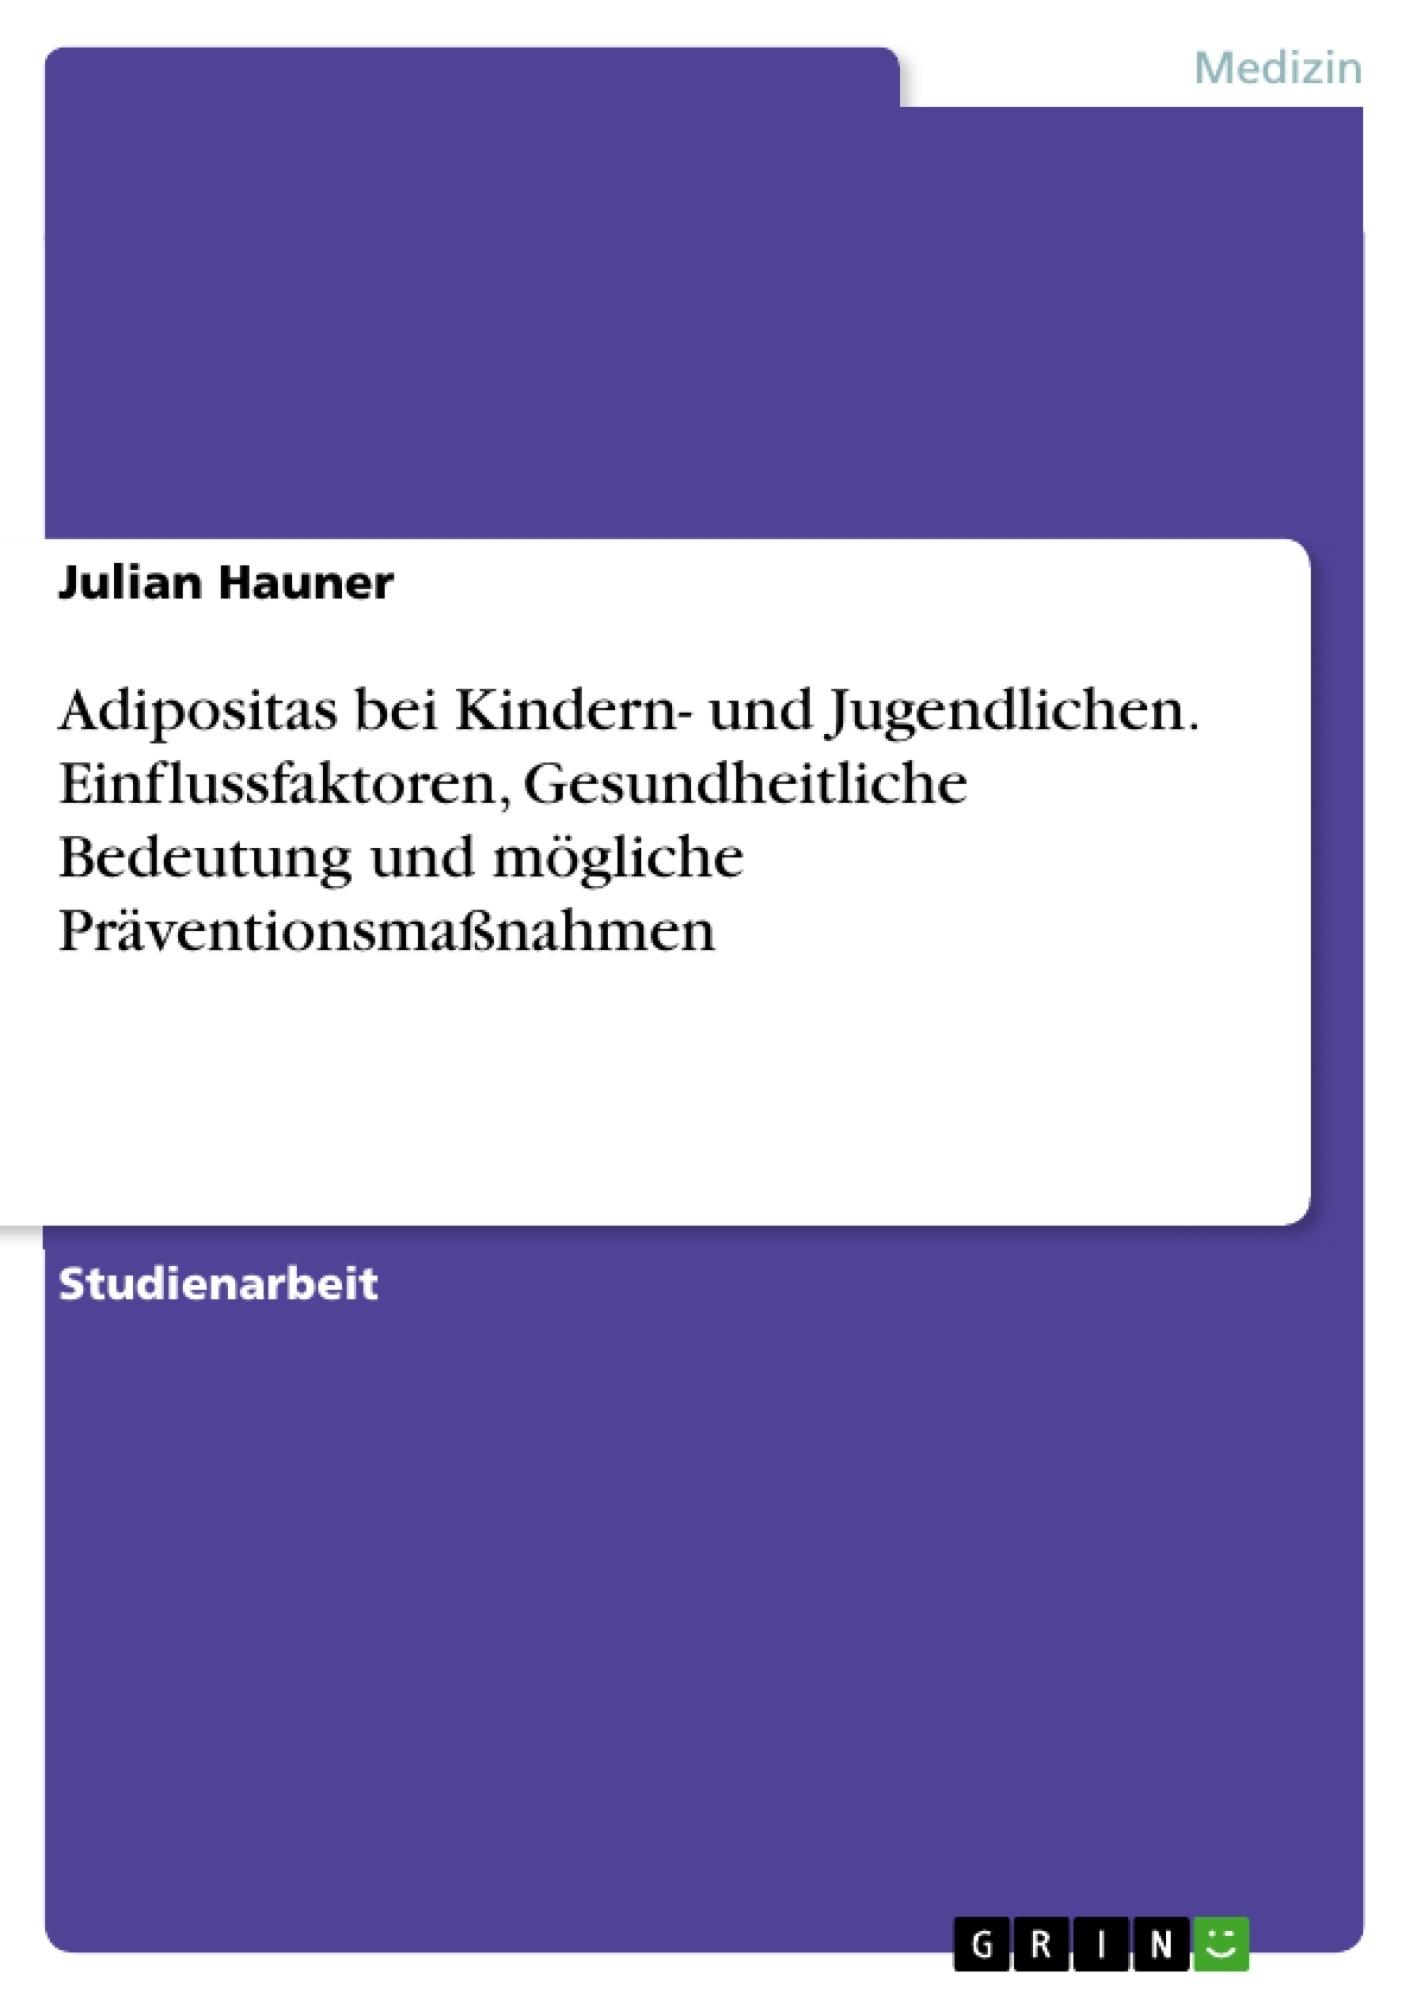 Titel: Adipositas bei Kindern- und Jugendlichen. Einflussfaktoren, Gesundheitliche Bedeutung und mögliche Präventionsmaßnahmen